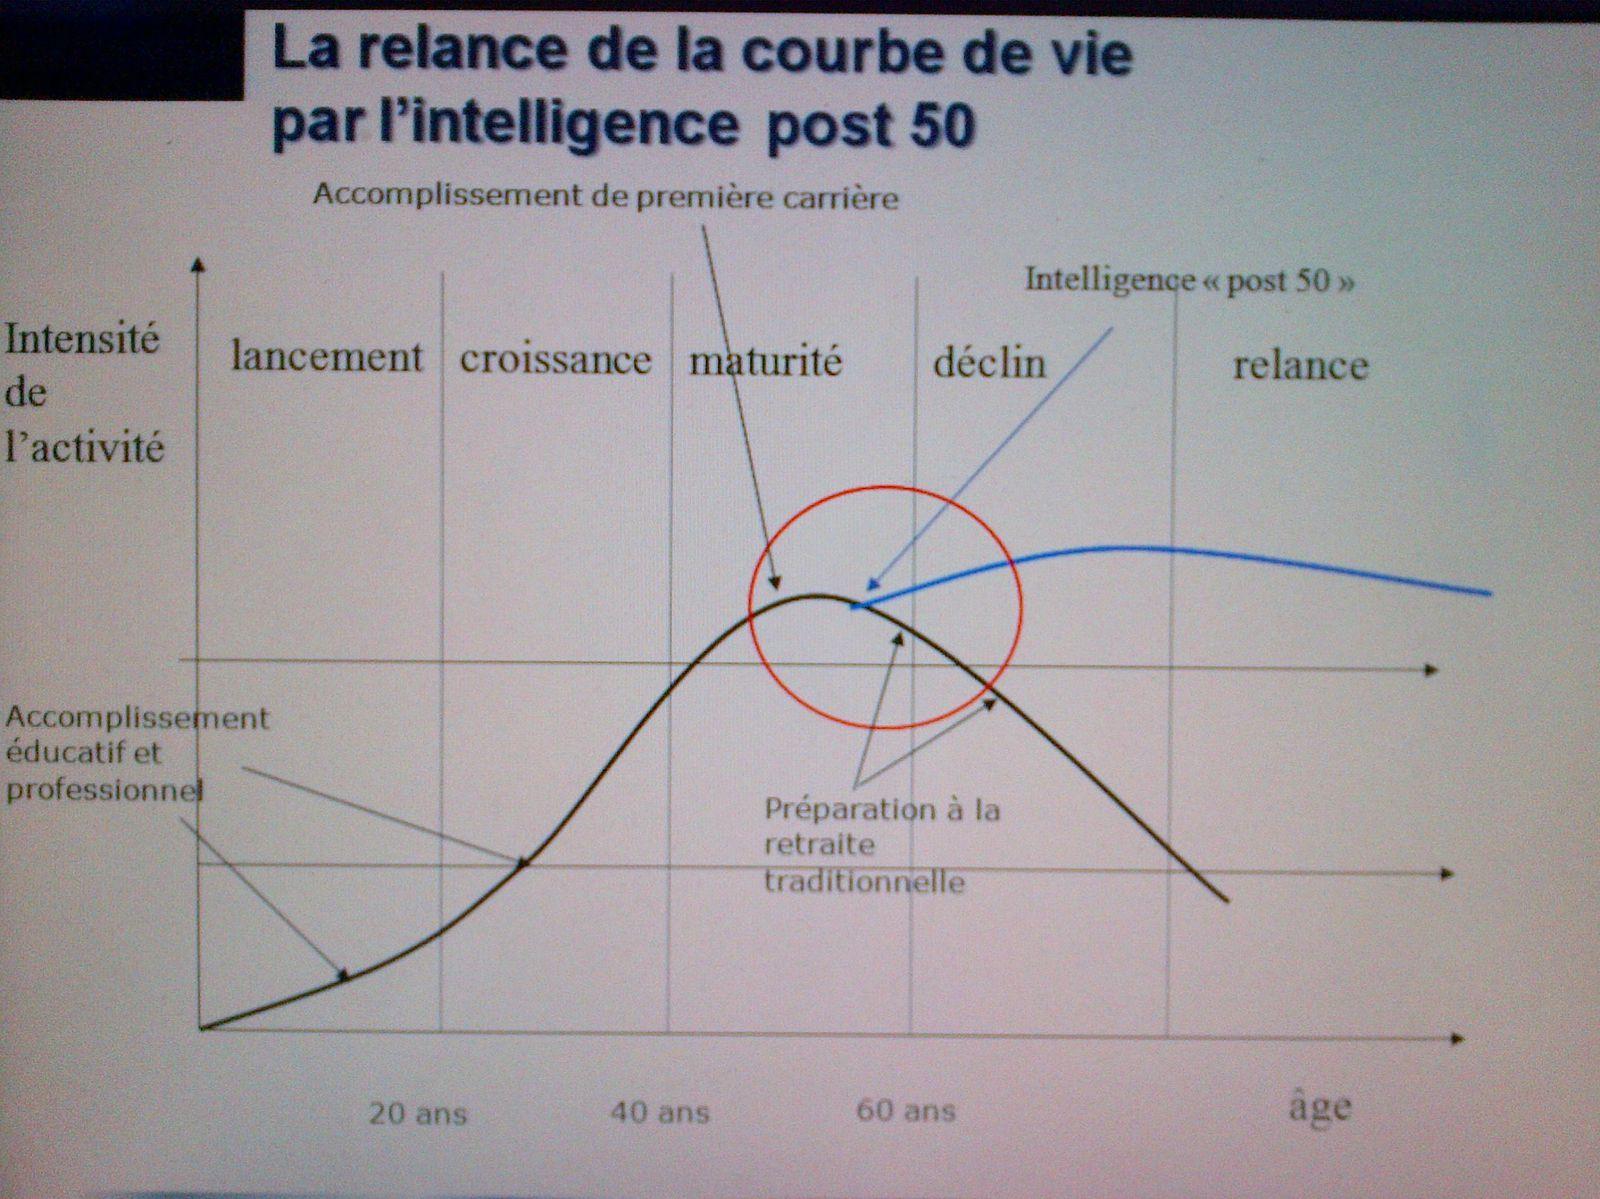 Le triple effet de la relance POST 50 de la courbe de vie